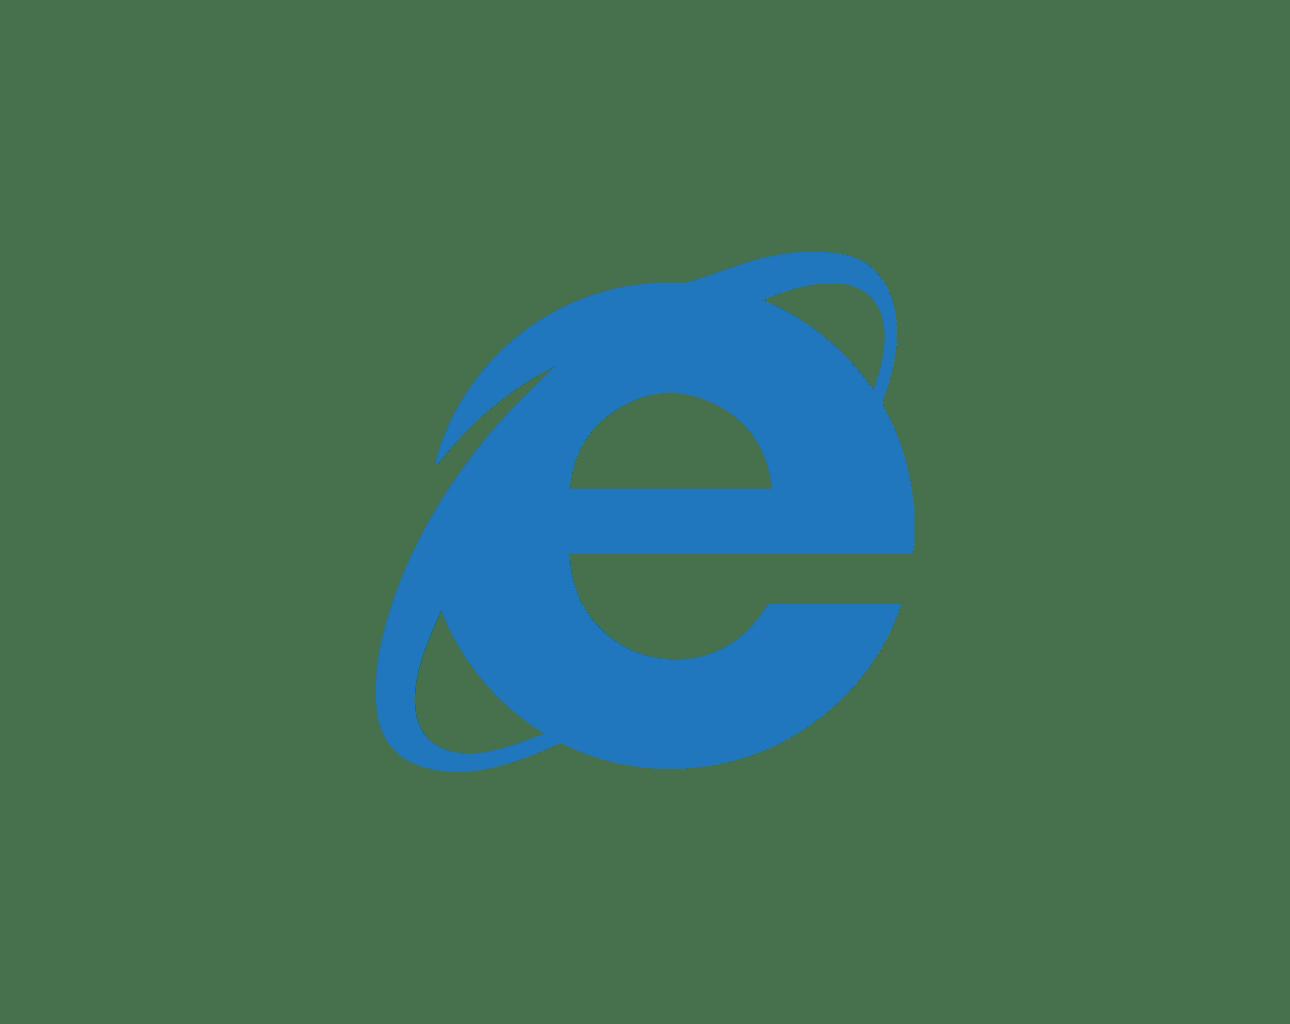 internet explorer browser logo